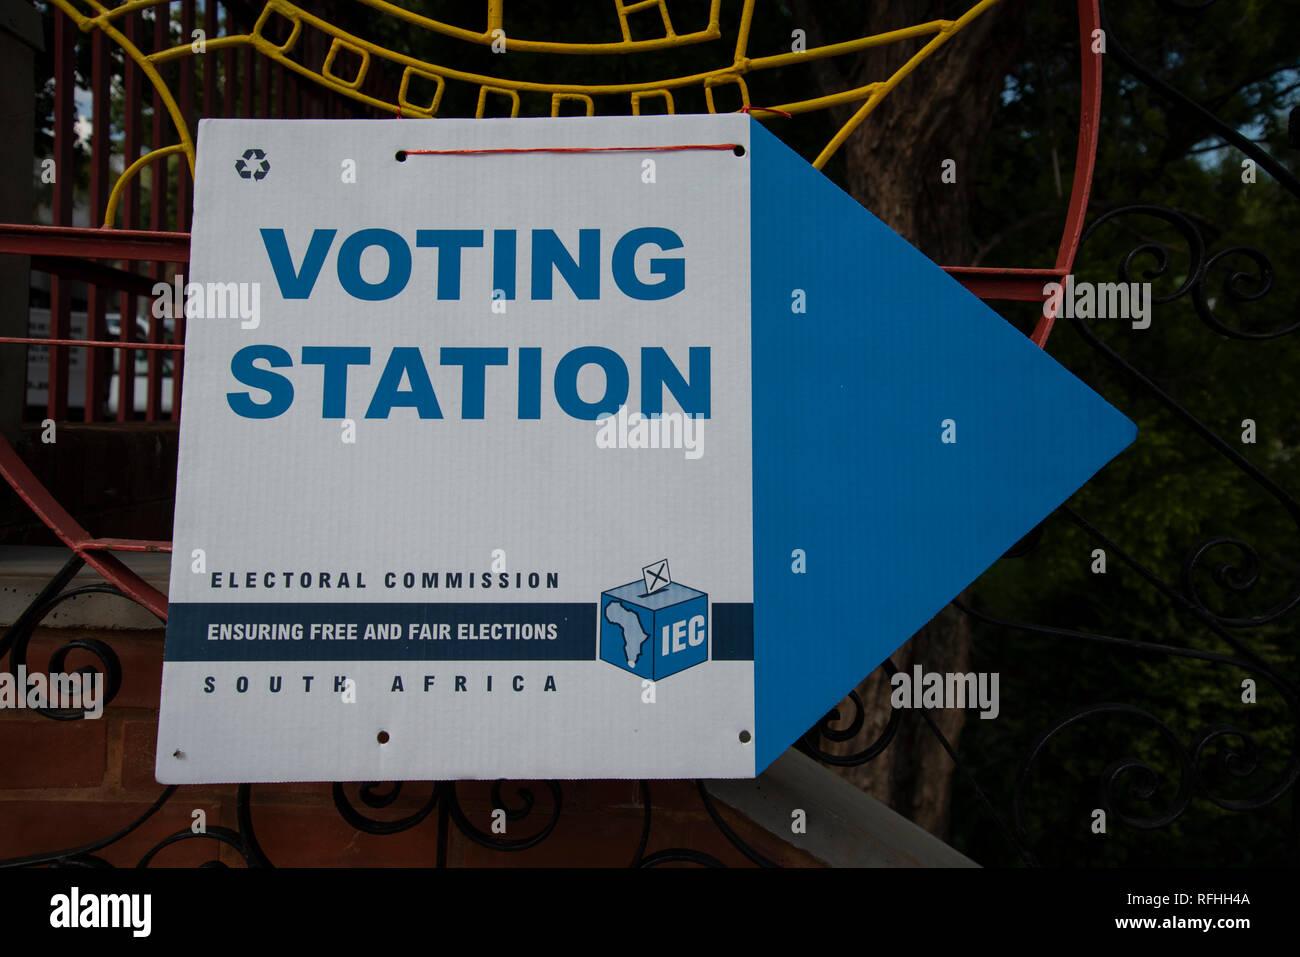 Johannesburg, Afrique du Sud. 26 janvier, 2019. Un panneau à l'entrée d'une catégorie de vote site dans Linden, Johannesburg, samedi après-midi. C'est la dernière semaine pour s'inscrire pour voter en 2019 l'Afrique du Sud aux élections générales. Credit: Eva-Lotta Jansson/Alamy Live News Banque D'Images